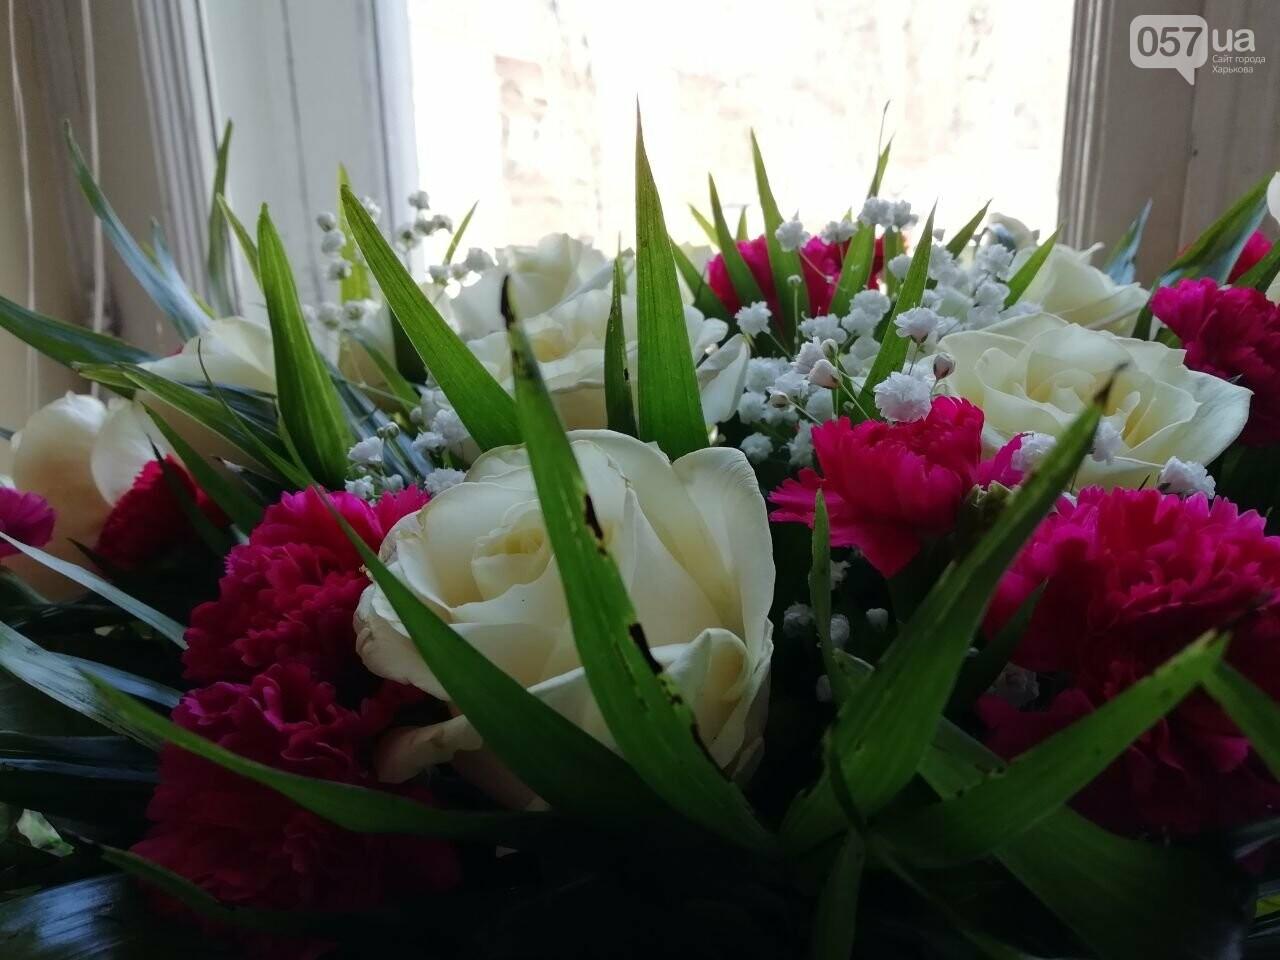 Экспресс-свадьба и звездная ведущая: в Харькове проходит Марафон влюбленных, - ФОТО, фото-2